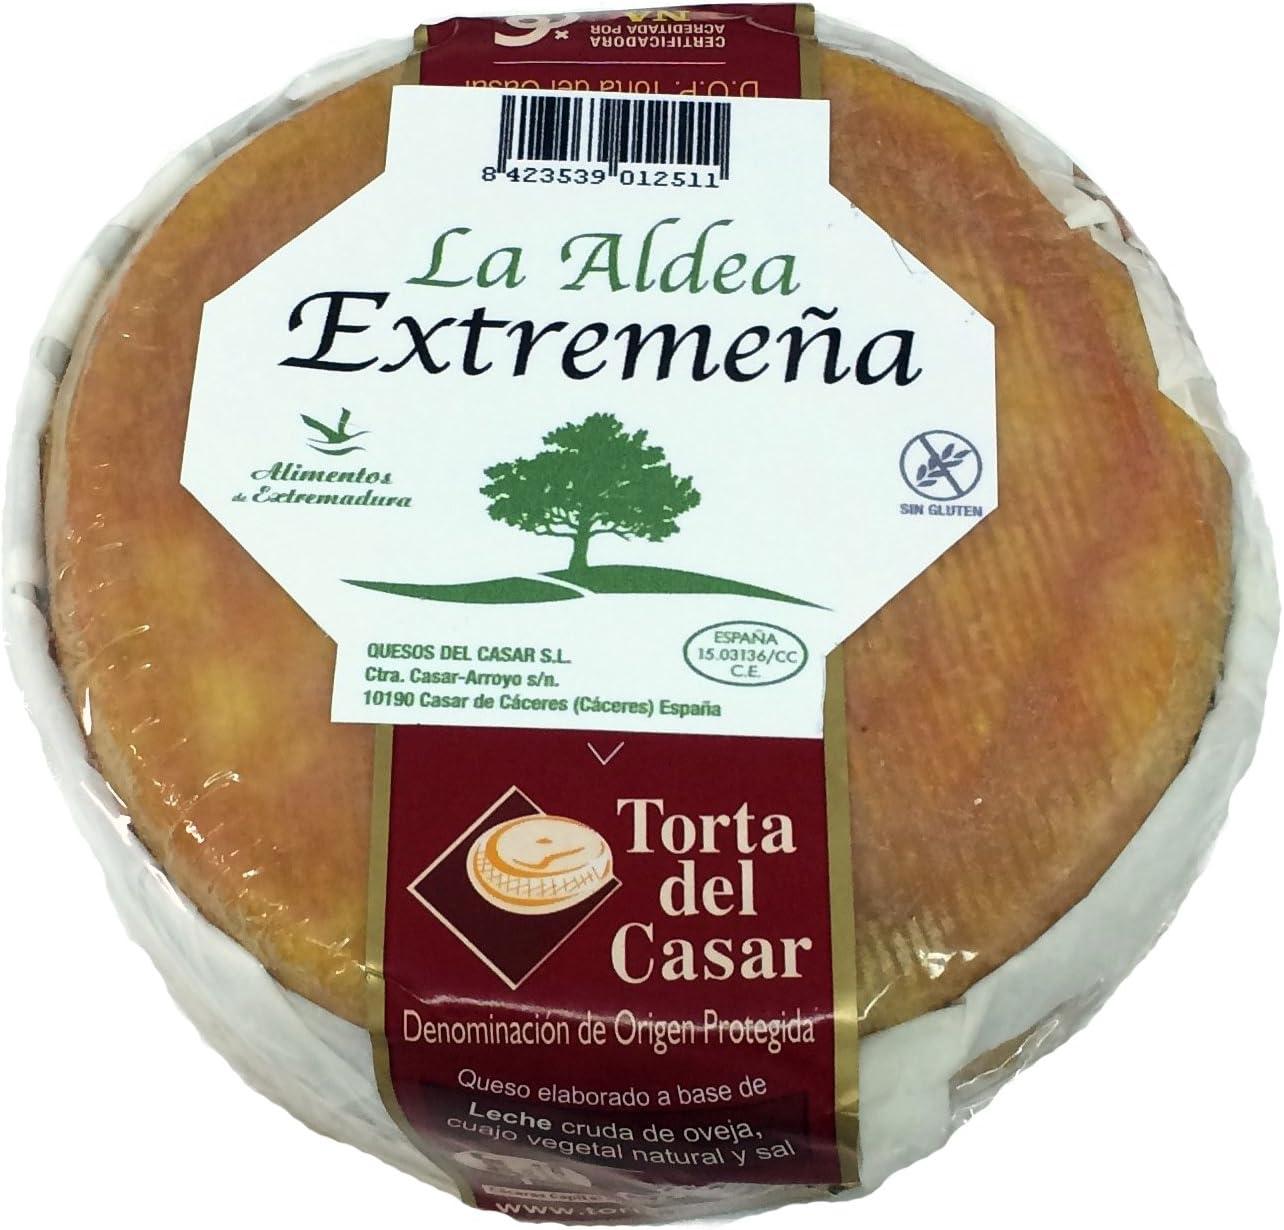 Lote de Quesos Surtidos, Puro de Oveja, Torta del Casar, Puro de Cabra, Tetilla y Crema de Cabrales.: Amazon.es: Alimentación y bebidas